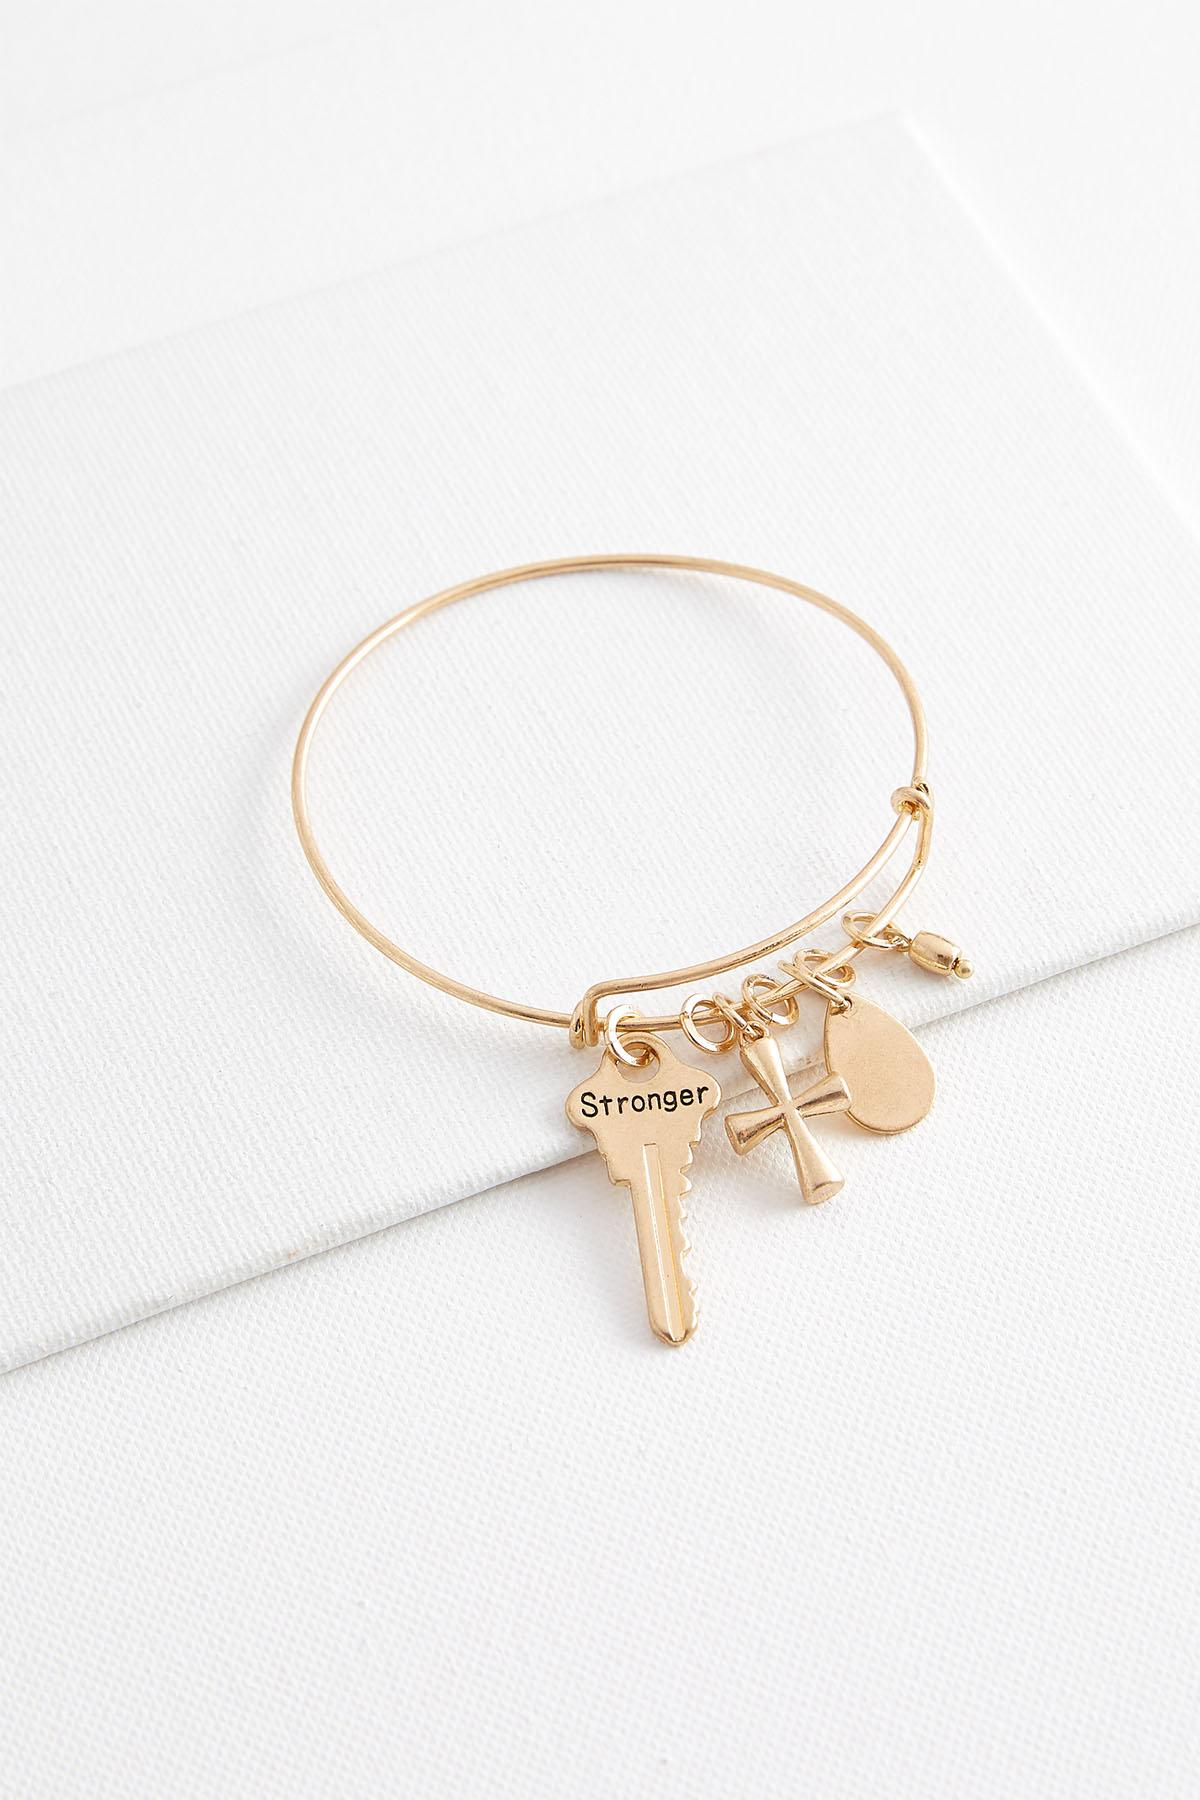 Stronger Charm Bangle Bracelet